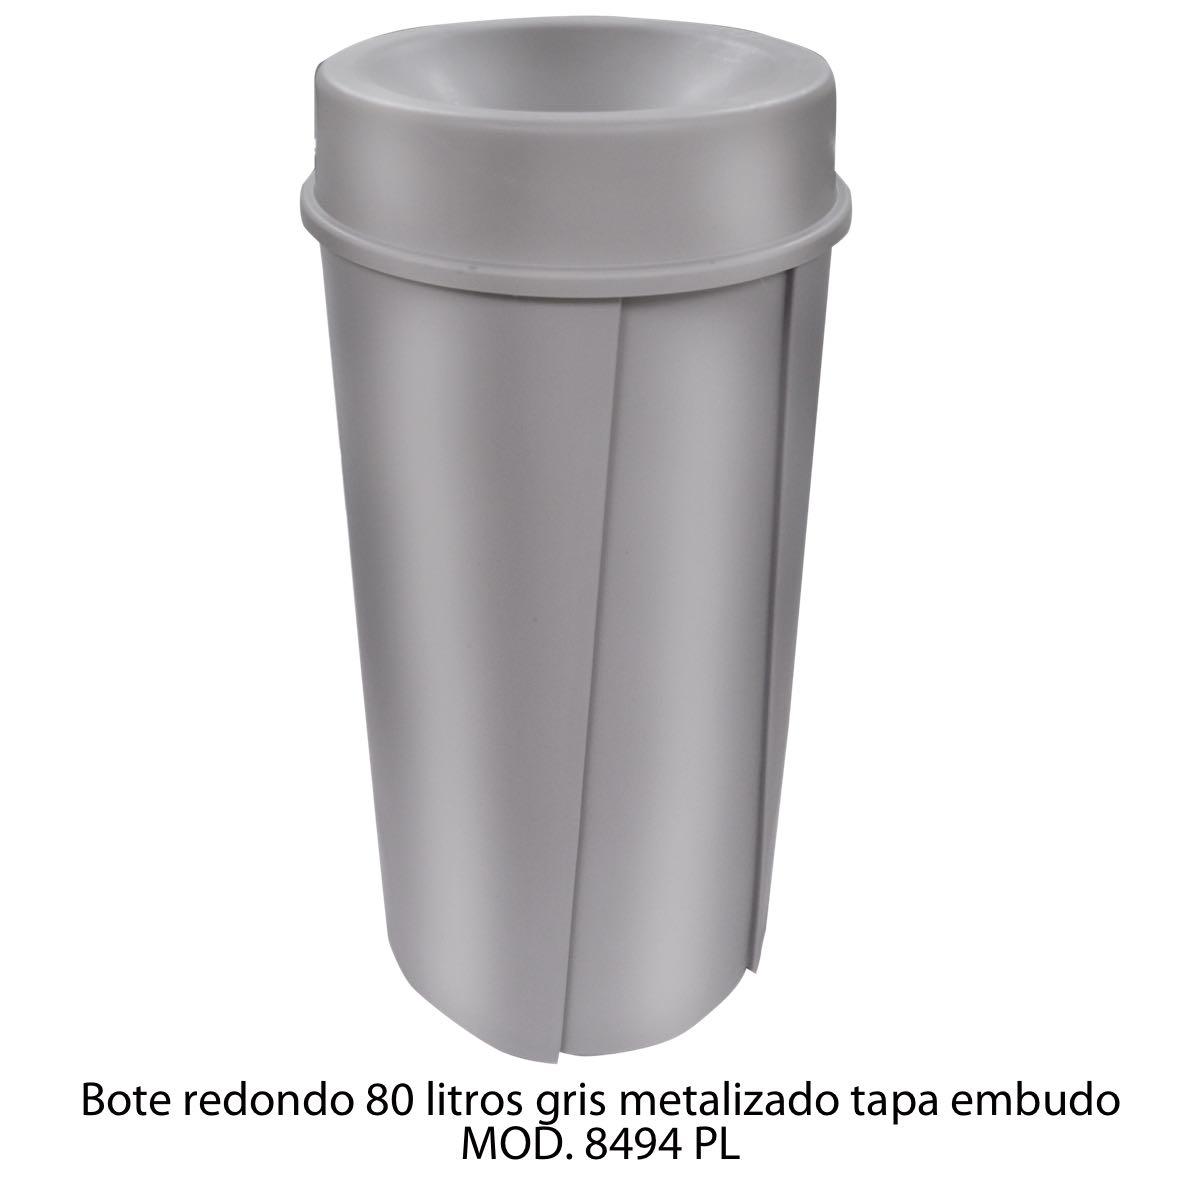 Bote de basura redondo de 80 litros con tapa embudo color gris metalizado modelo 8494 PL Sablon